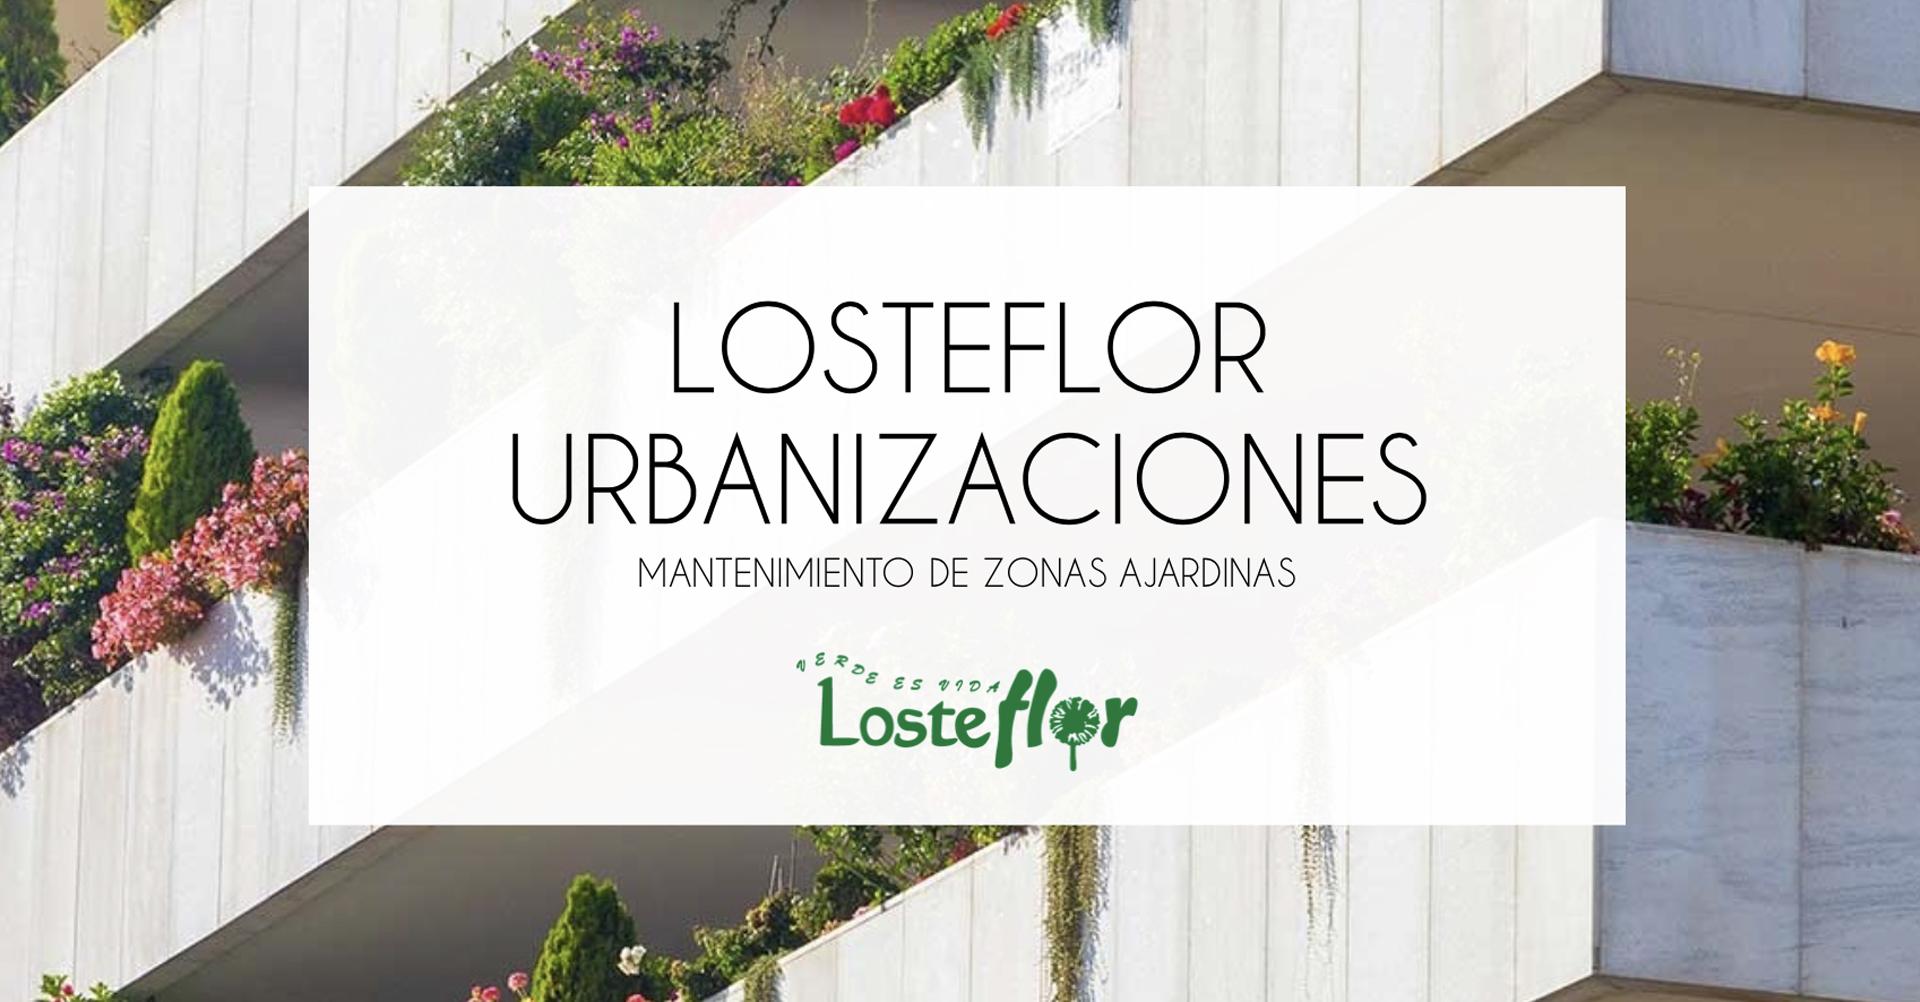 Losteflor | Dossier